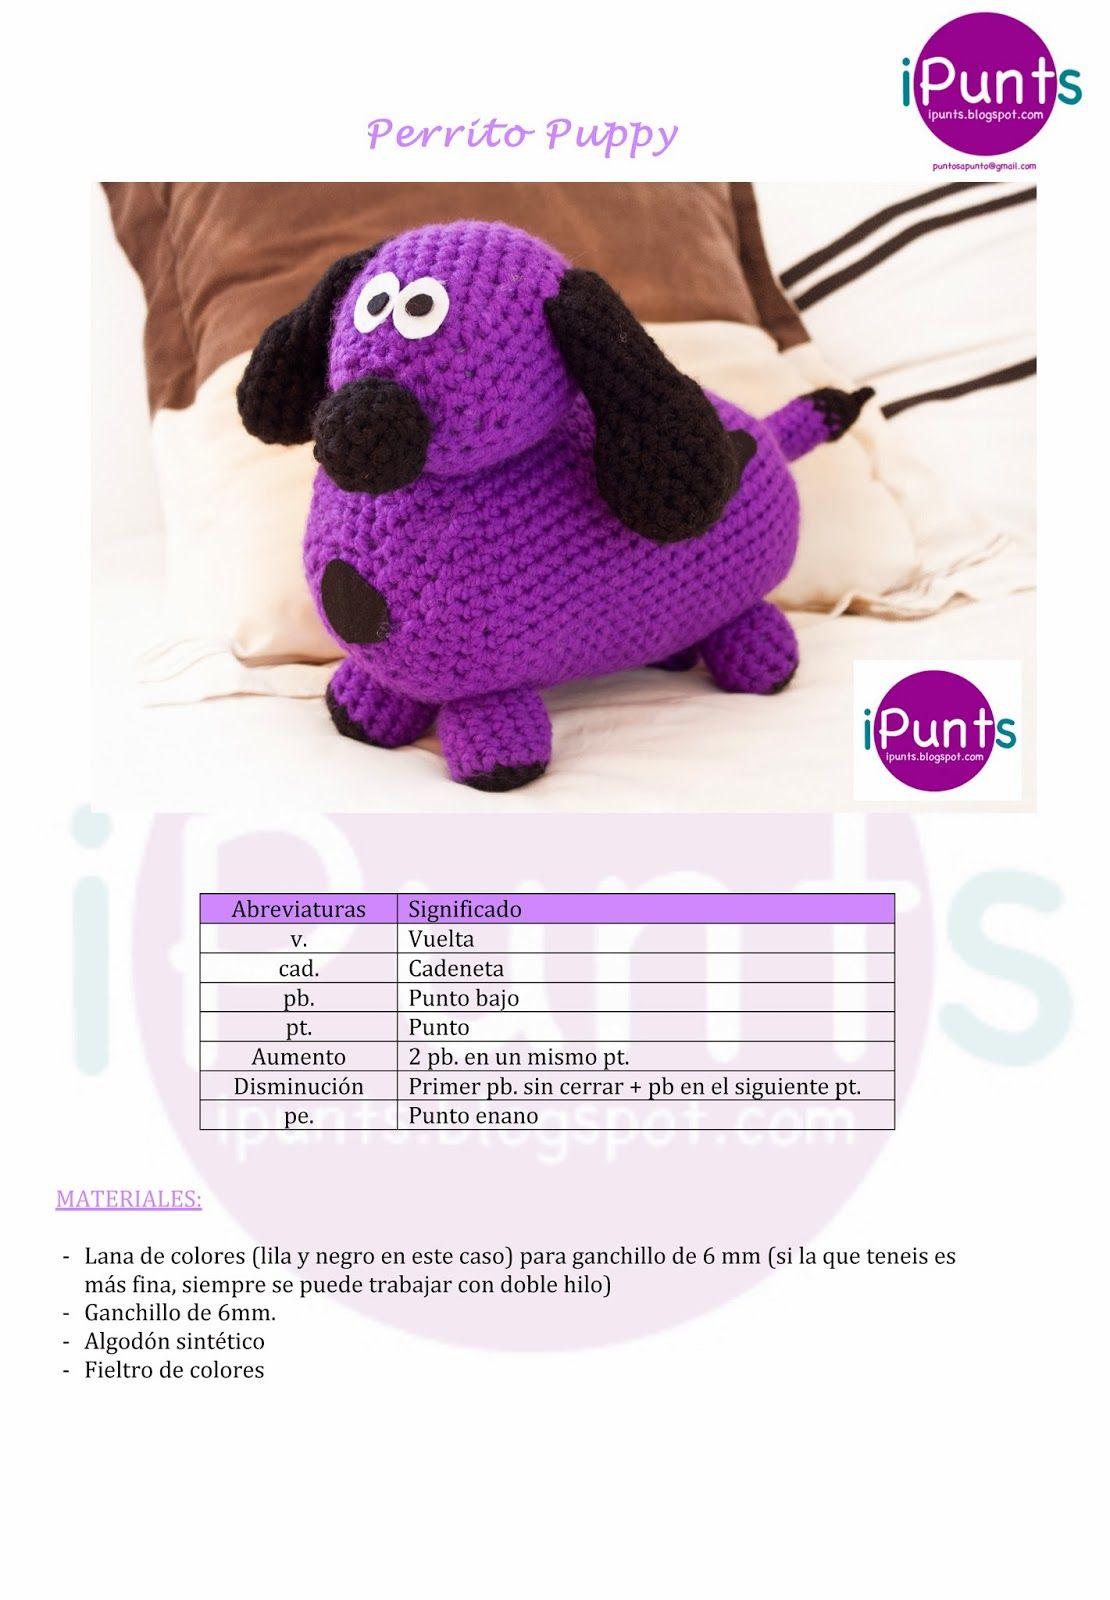 Patrón+Perrito+Puppy-1.jpg (1110×1600) | Amigurumi | Pinterest ...